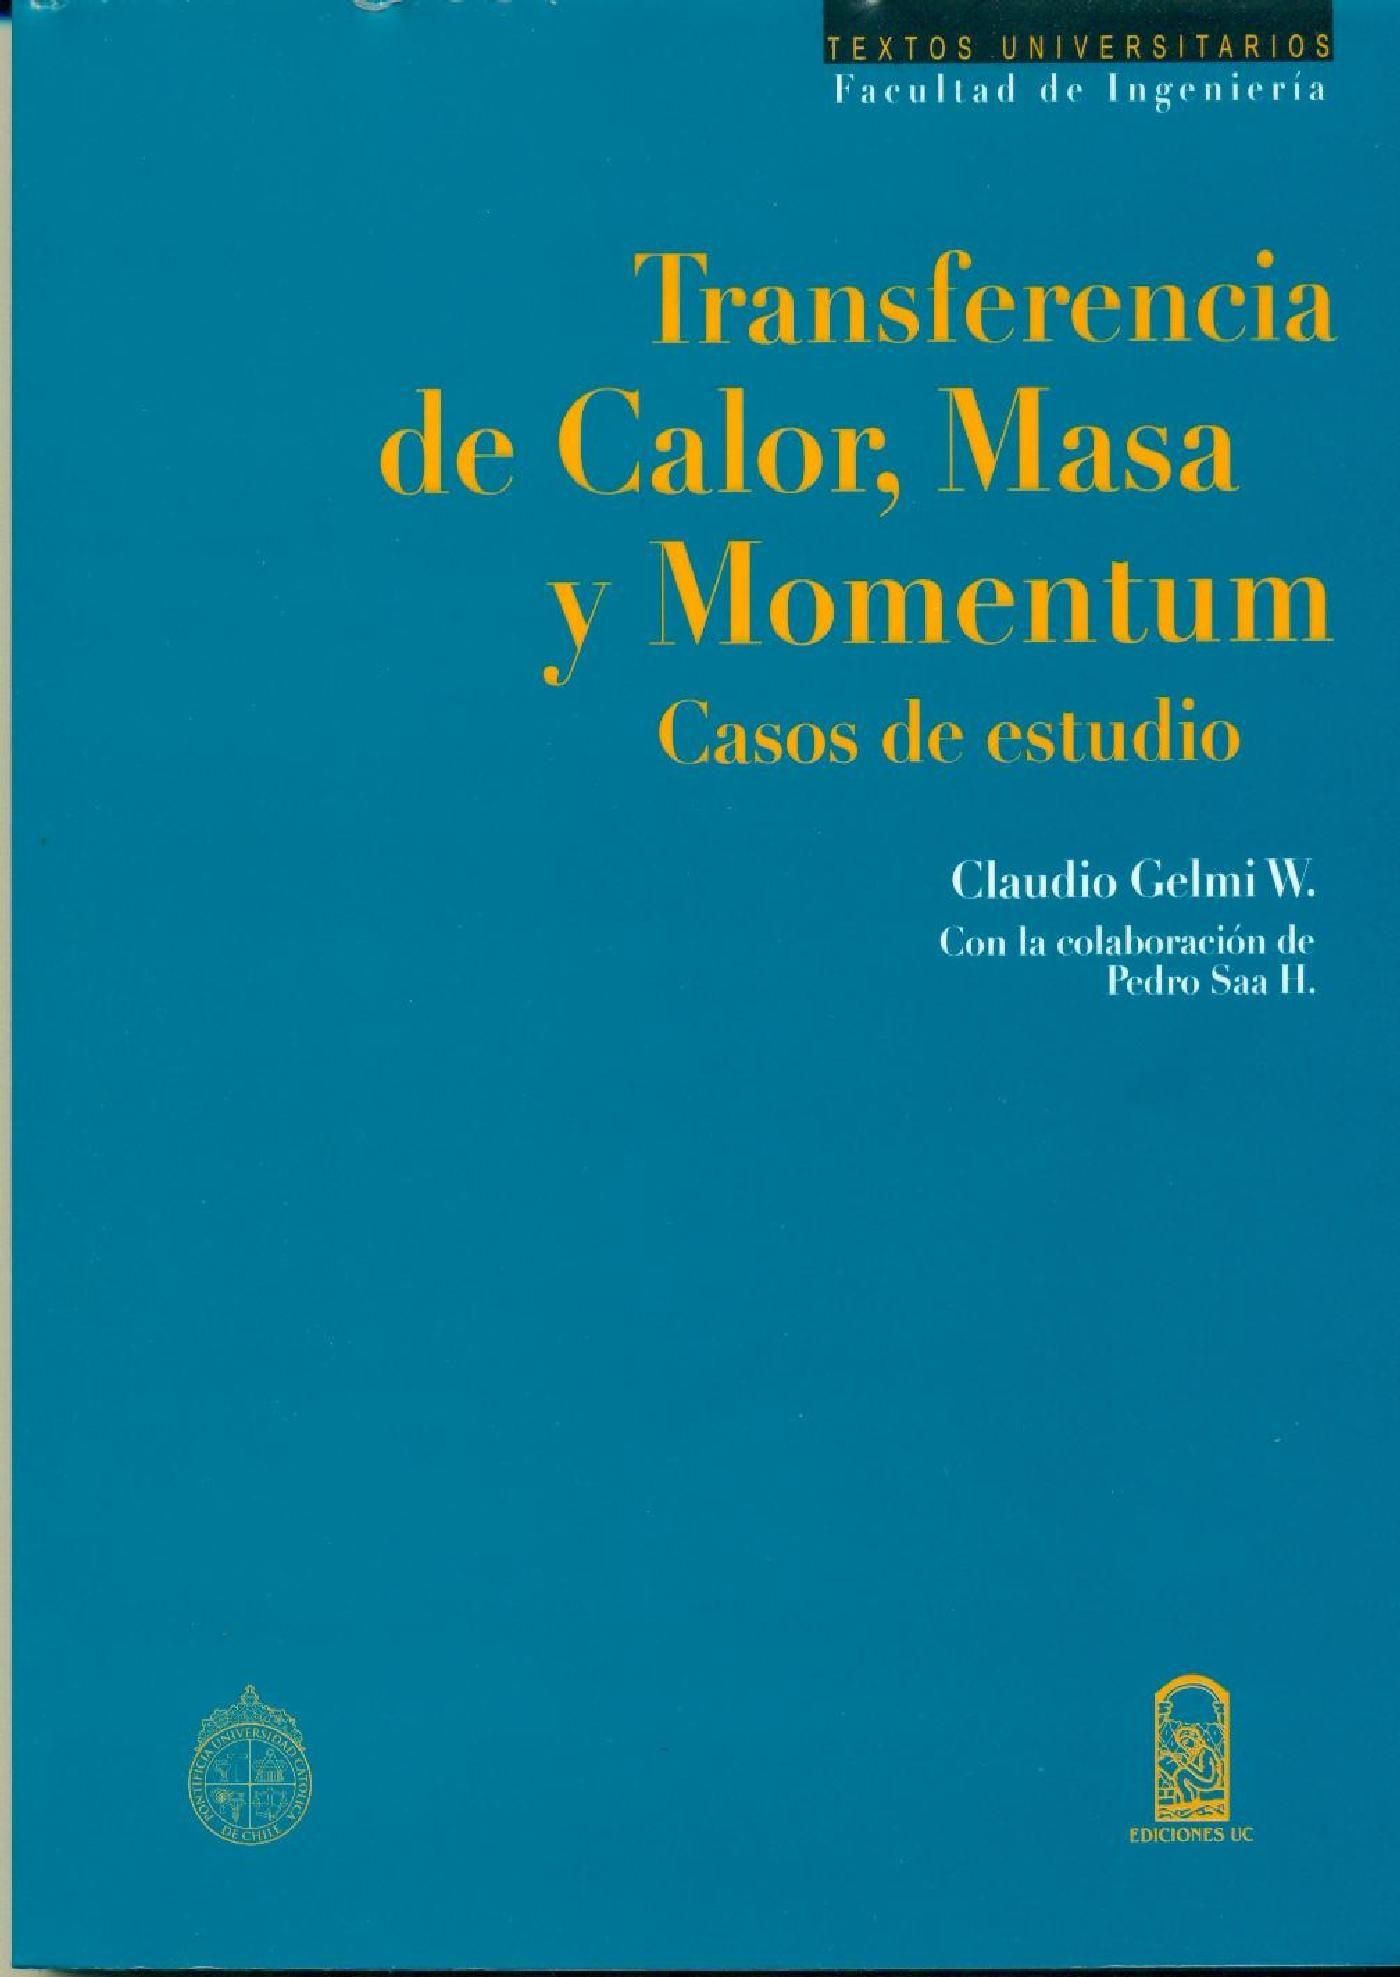 Transferencia de calor masa y momentum ebook claudio gelmi w pedro